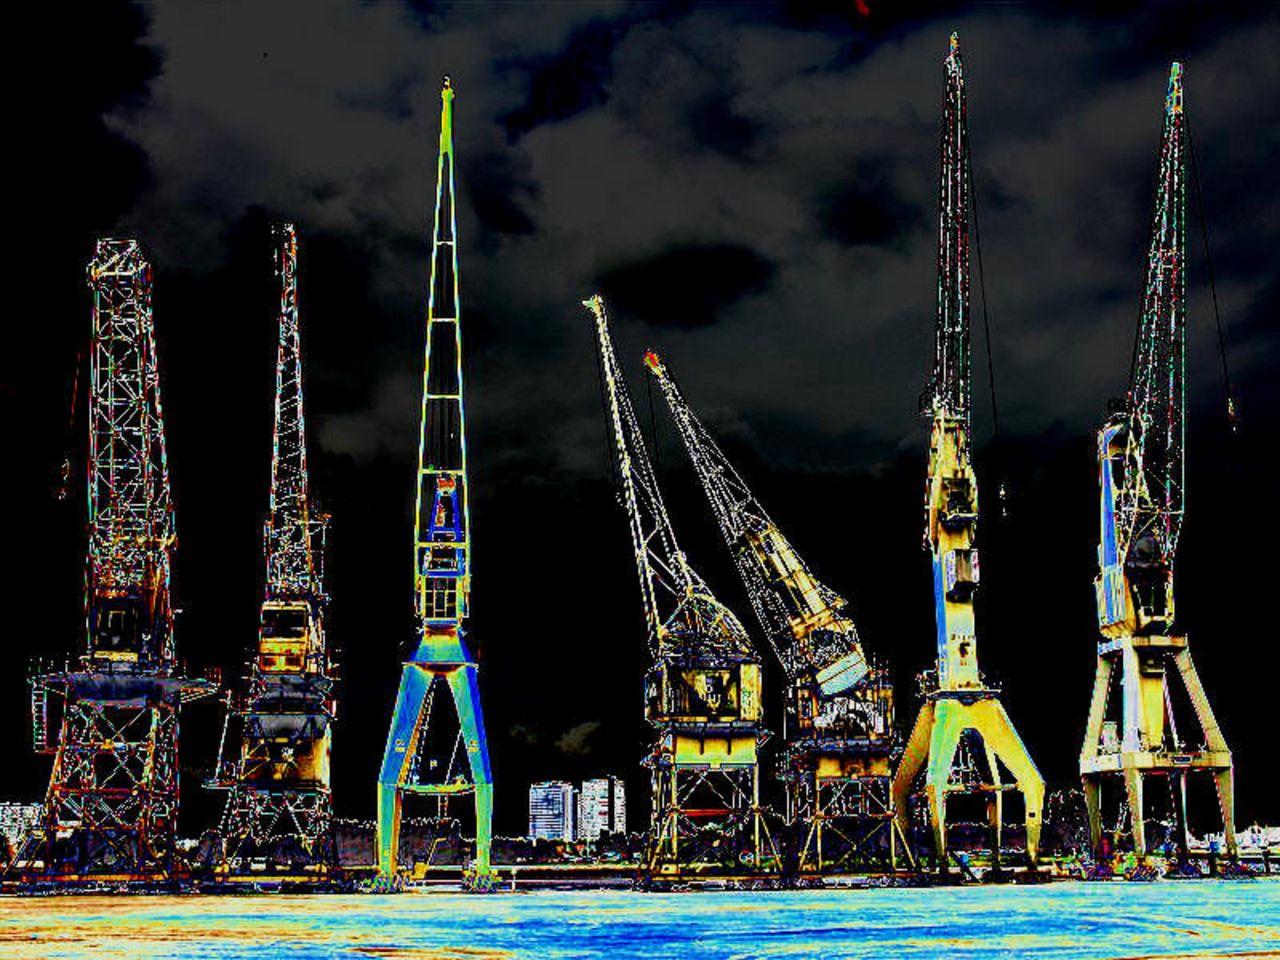 Niklas DC Les girafes mécaniques